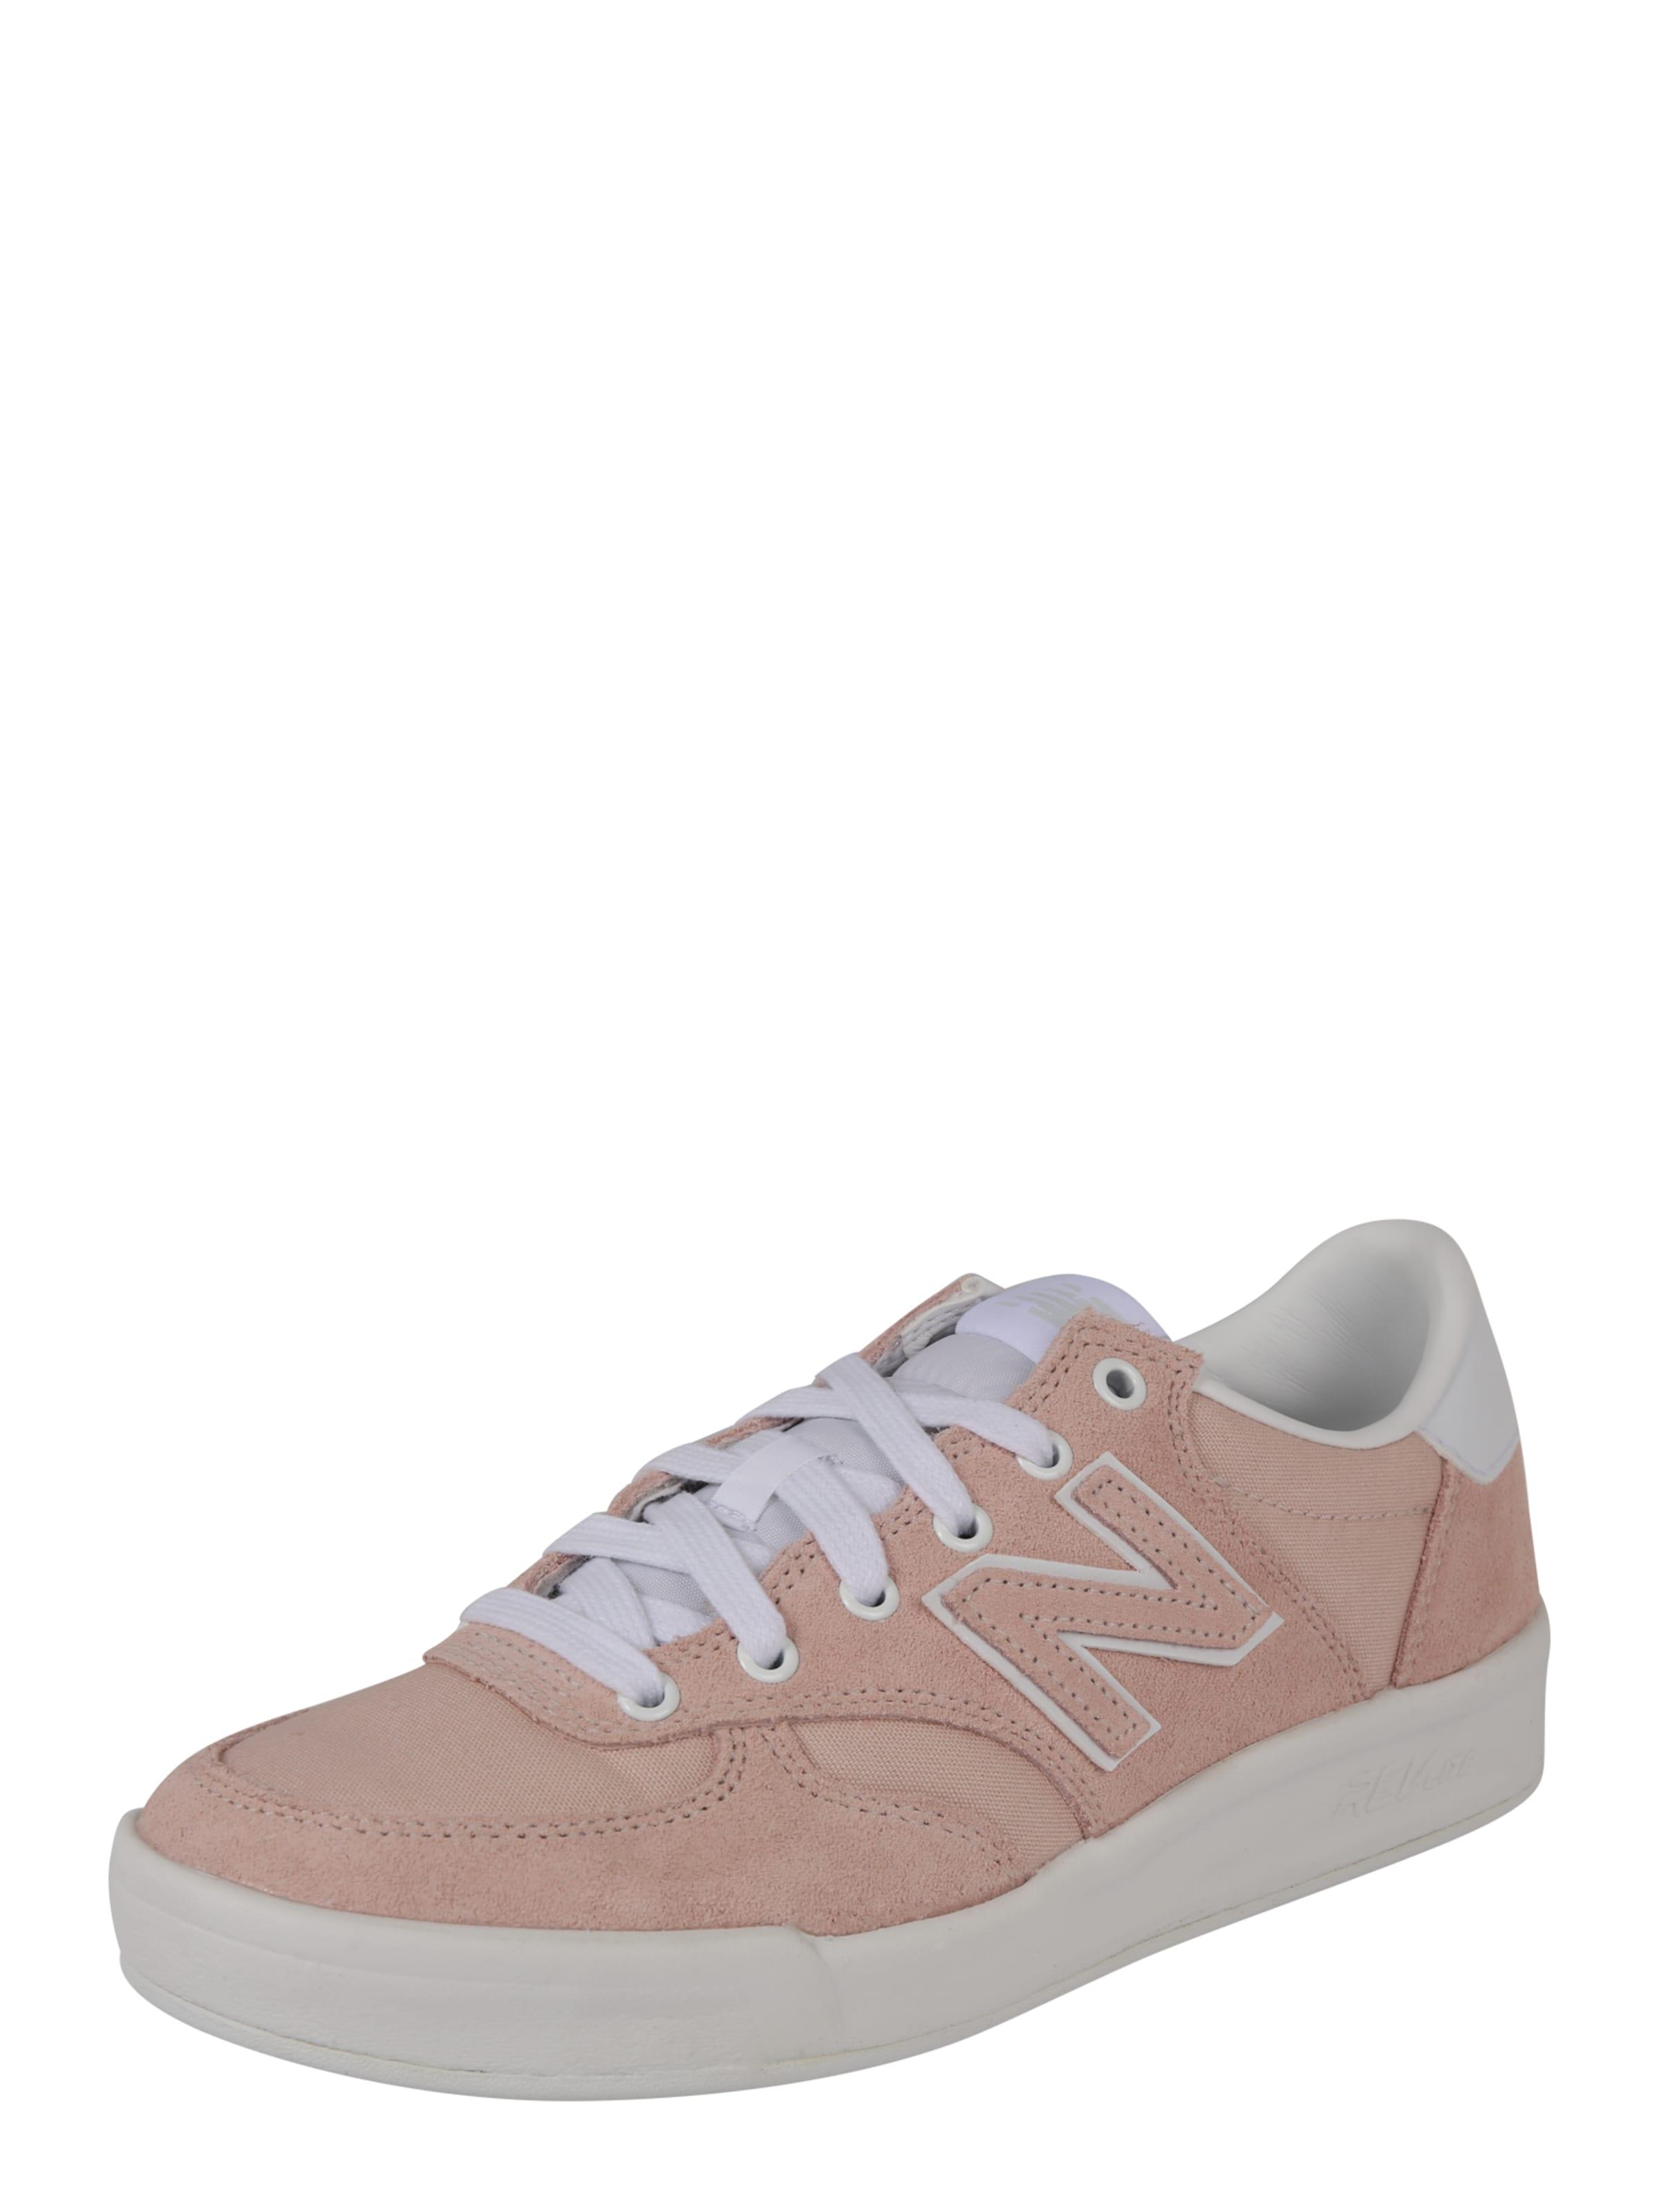 Balance Sneaker RosaWeiß 'wrt 300' New In nPkN8w0OX